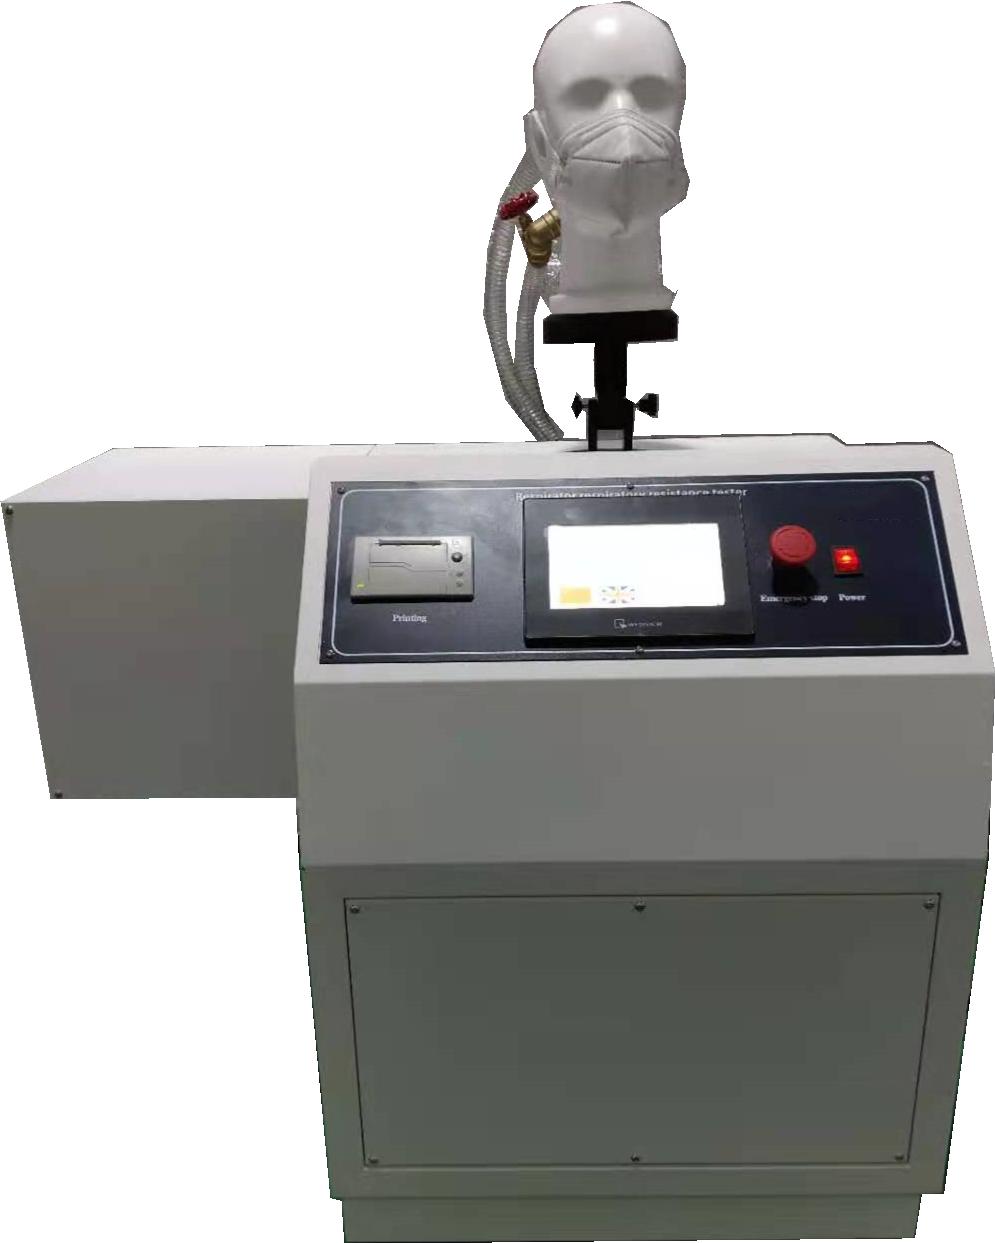 SRT欧标呼吸阻力测试仪是采用的哪一种过滤装置